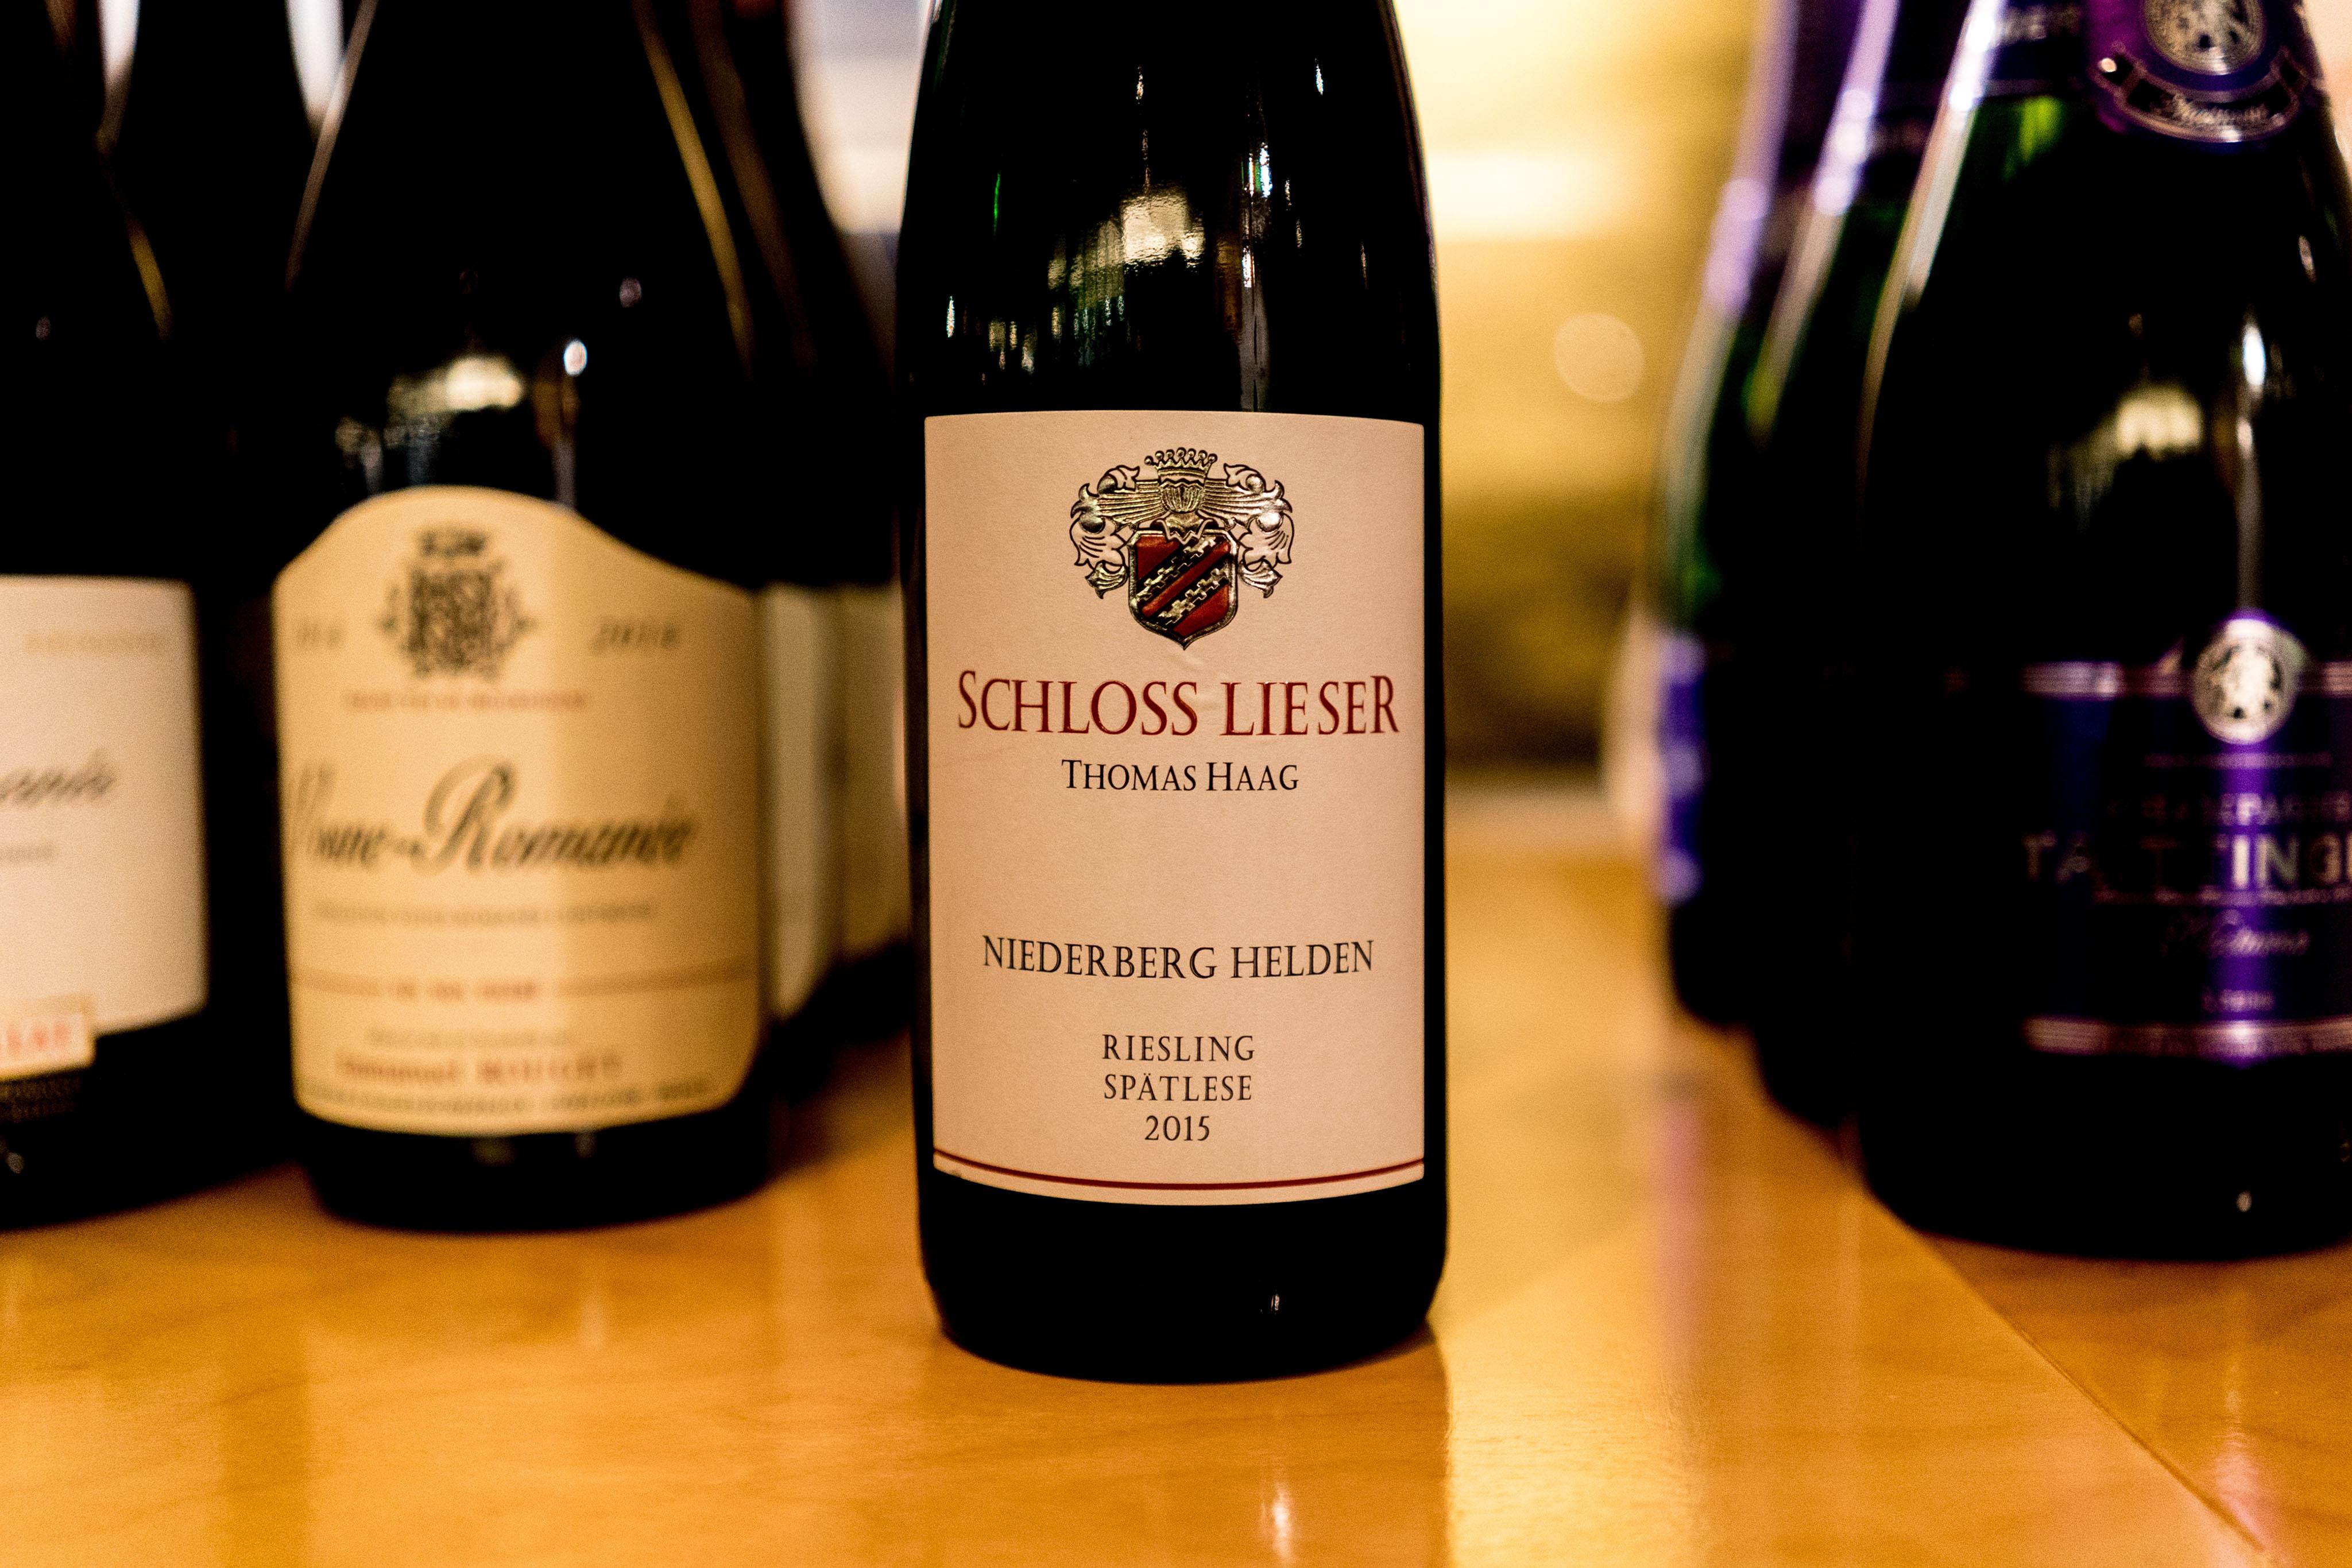 Schloss Lieser Niederberg Helden Riesling Spatlese 2015